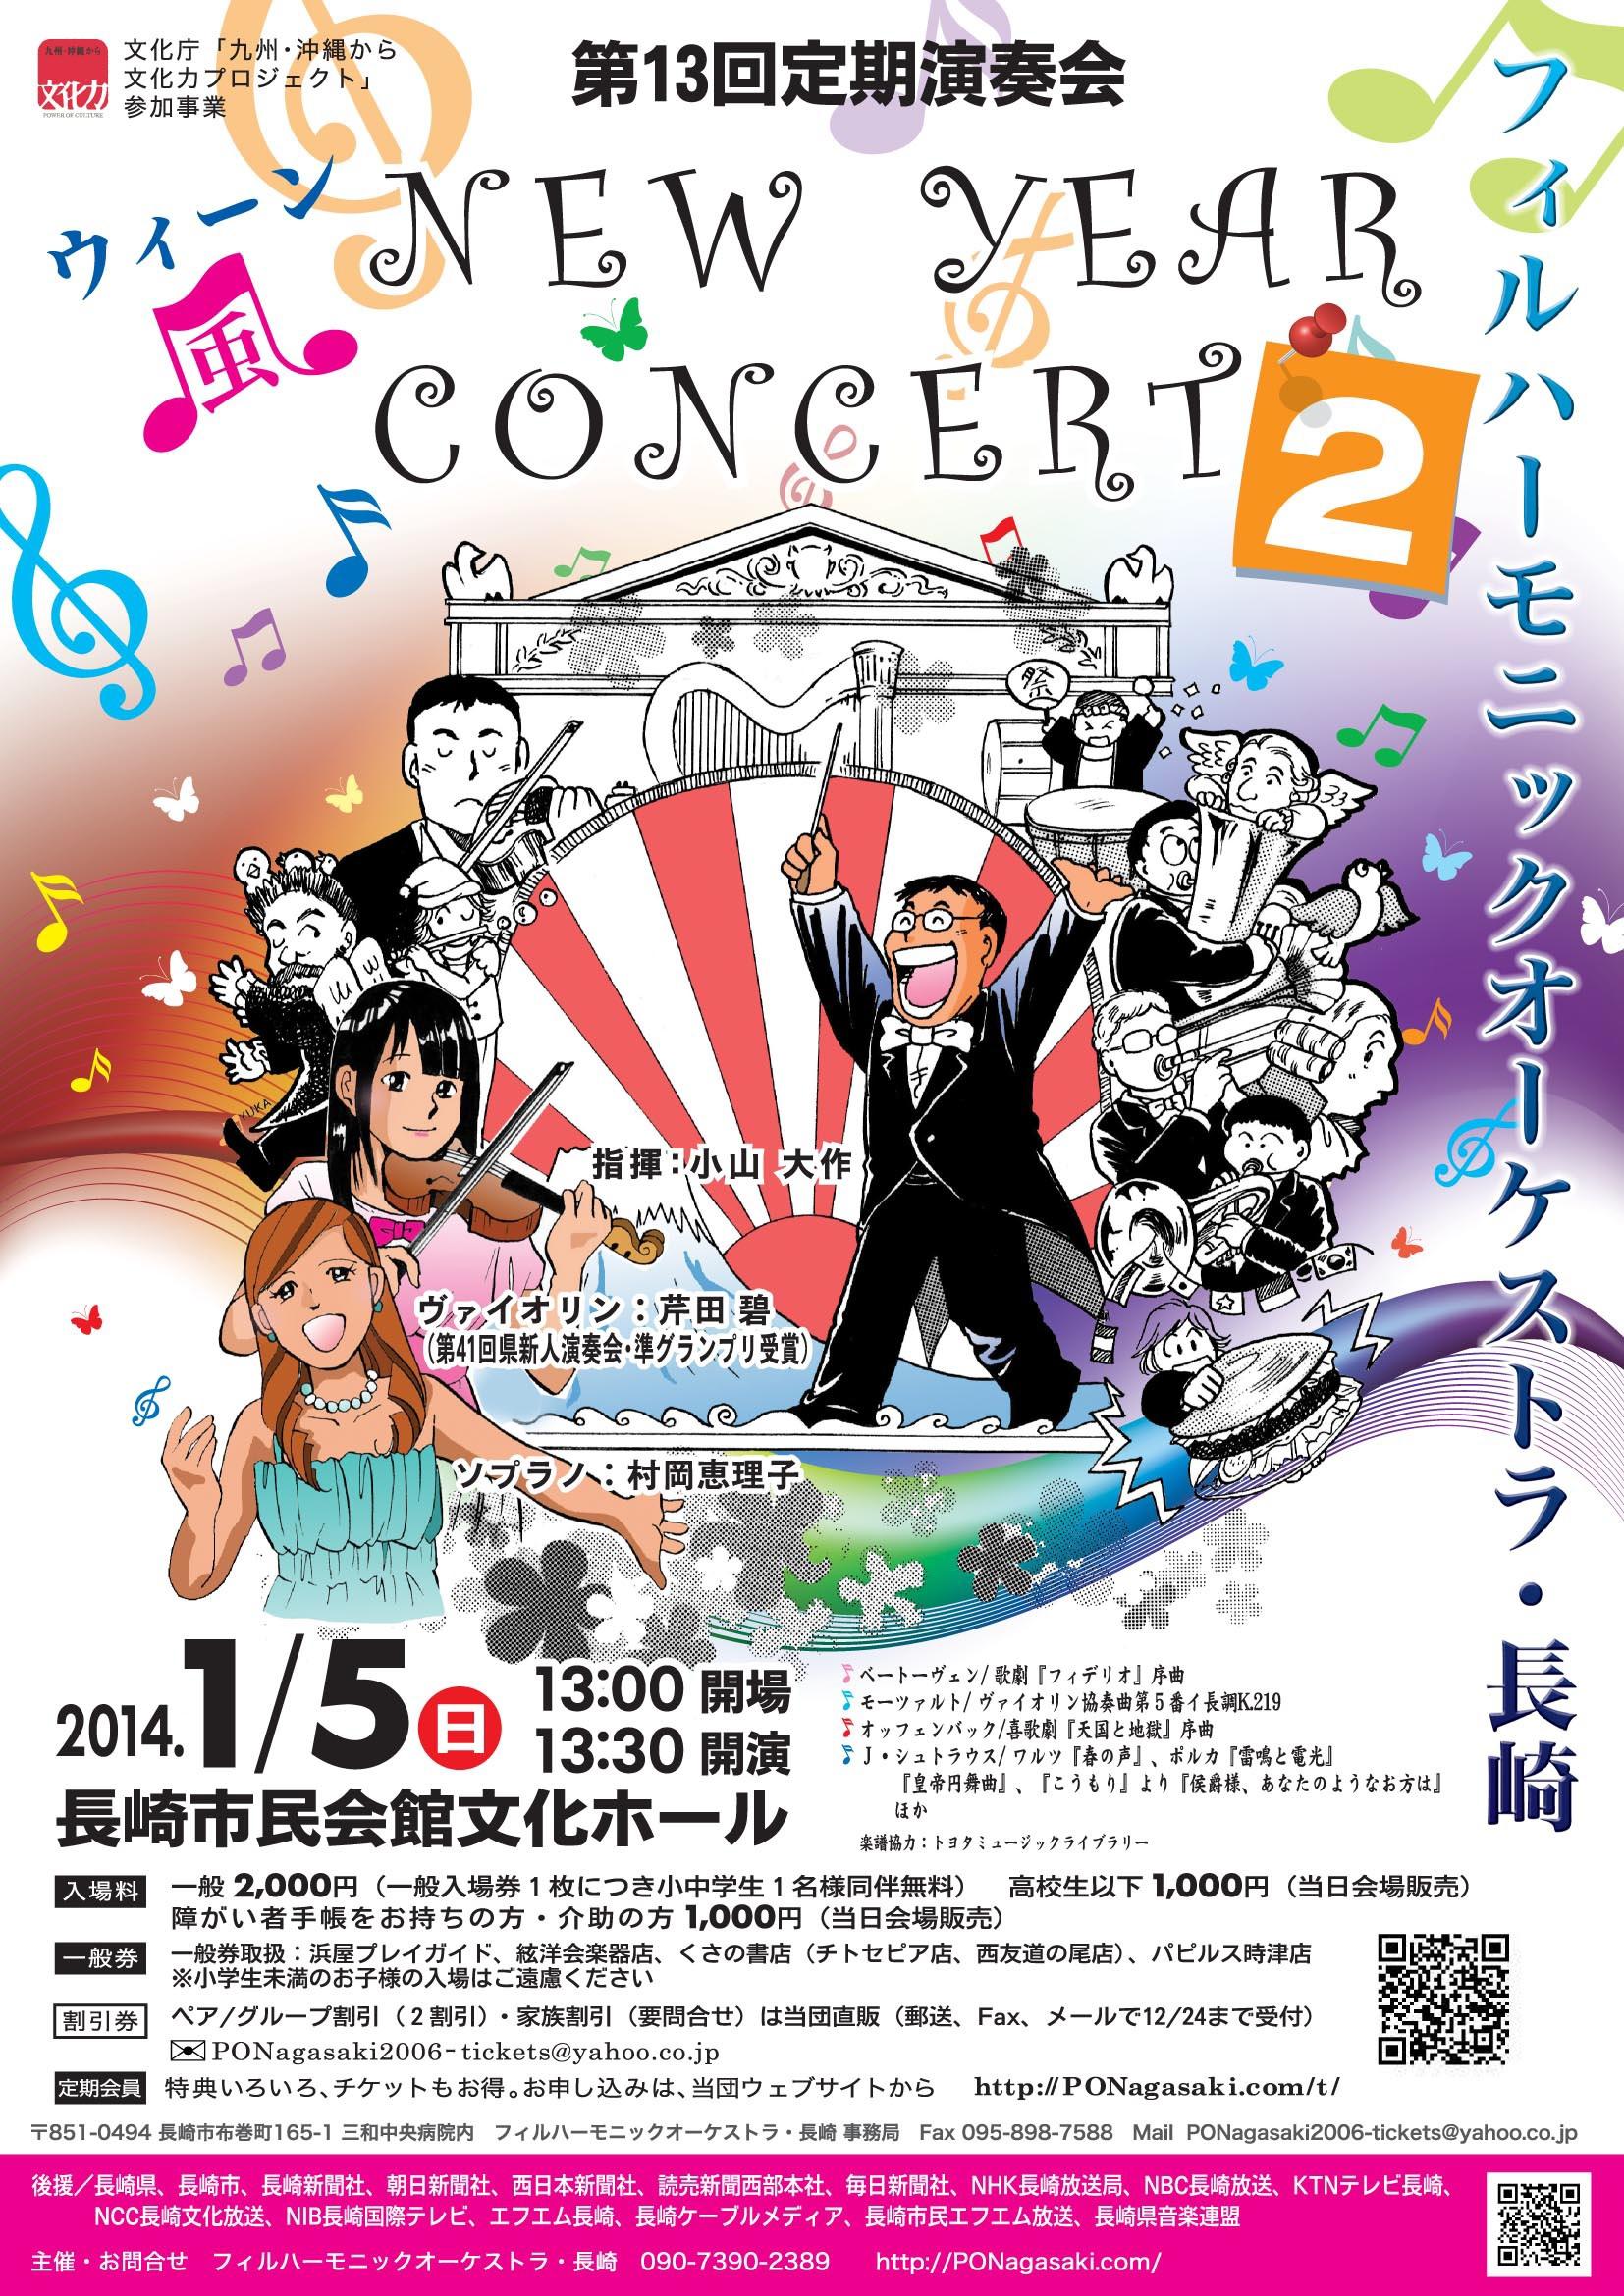 第13回定期演奏会 ウィーンふぅニューイヤー・コンサート2